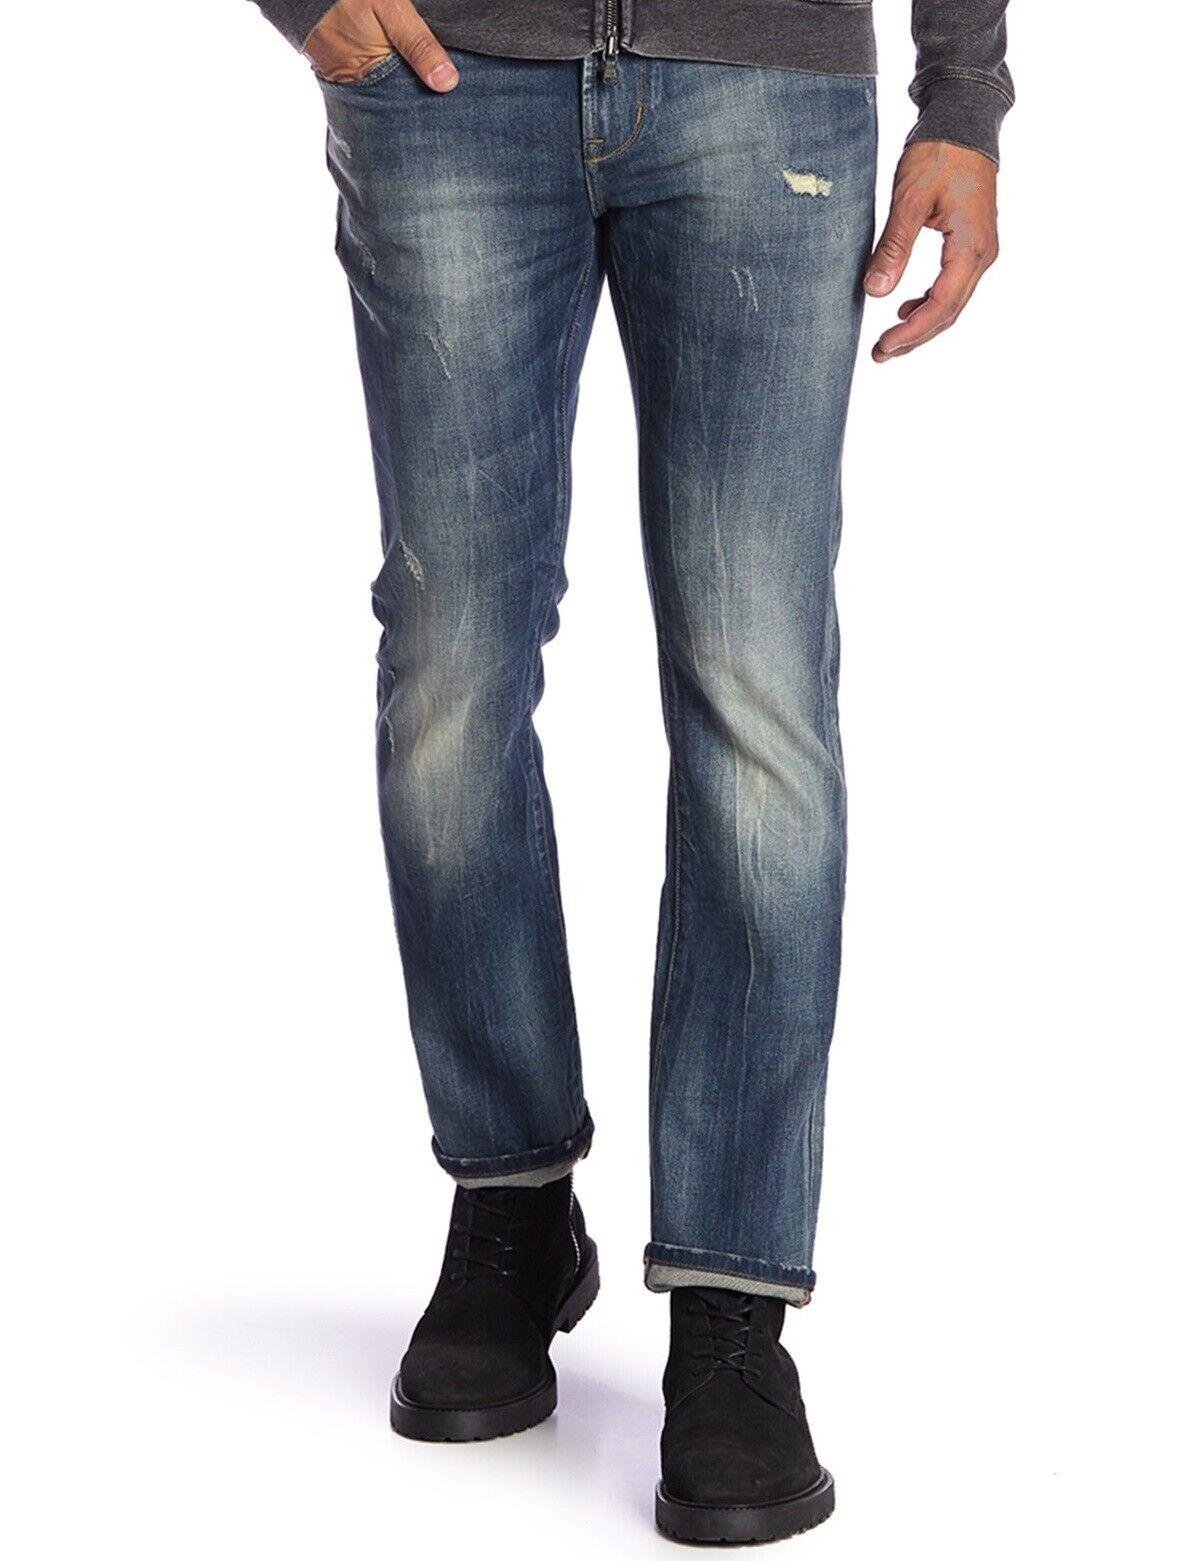 John Varvatos Estrella Usa Para Hombre Bowery Slim Straight de  súperdry azul envejecido Piedra  ventas en linea